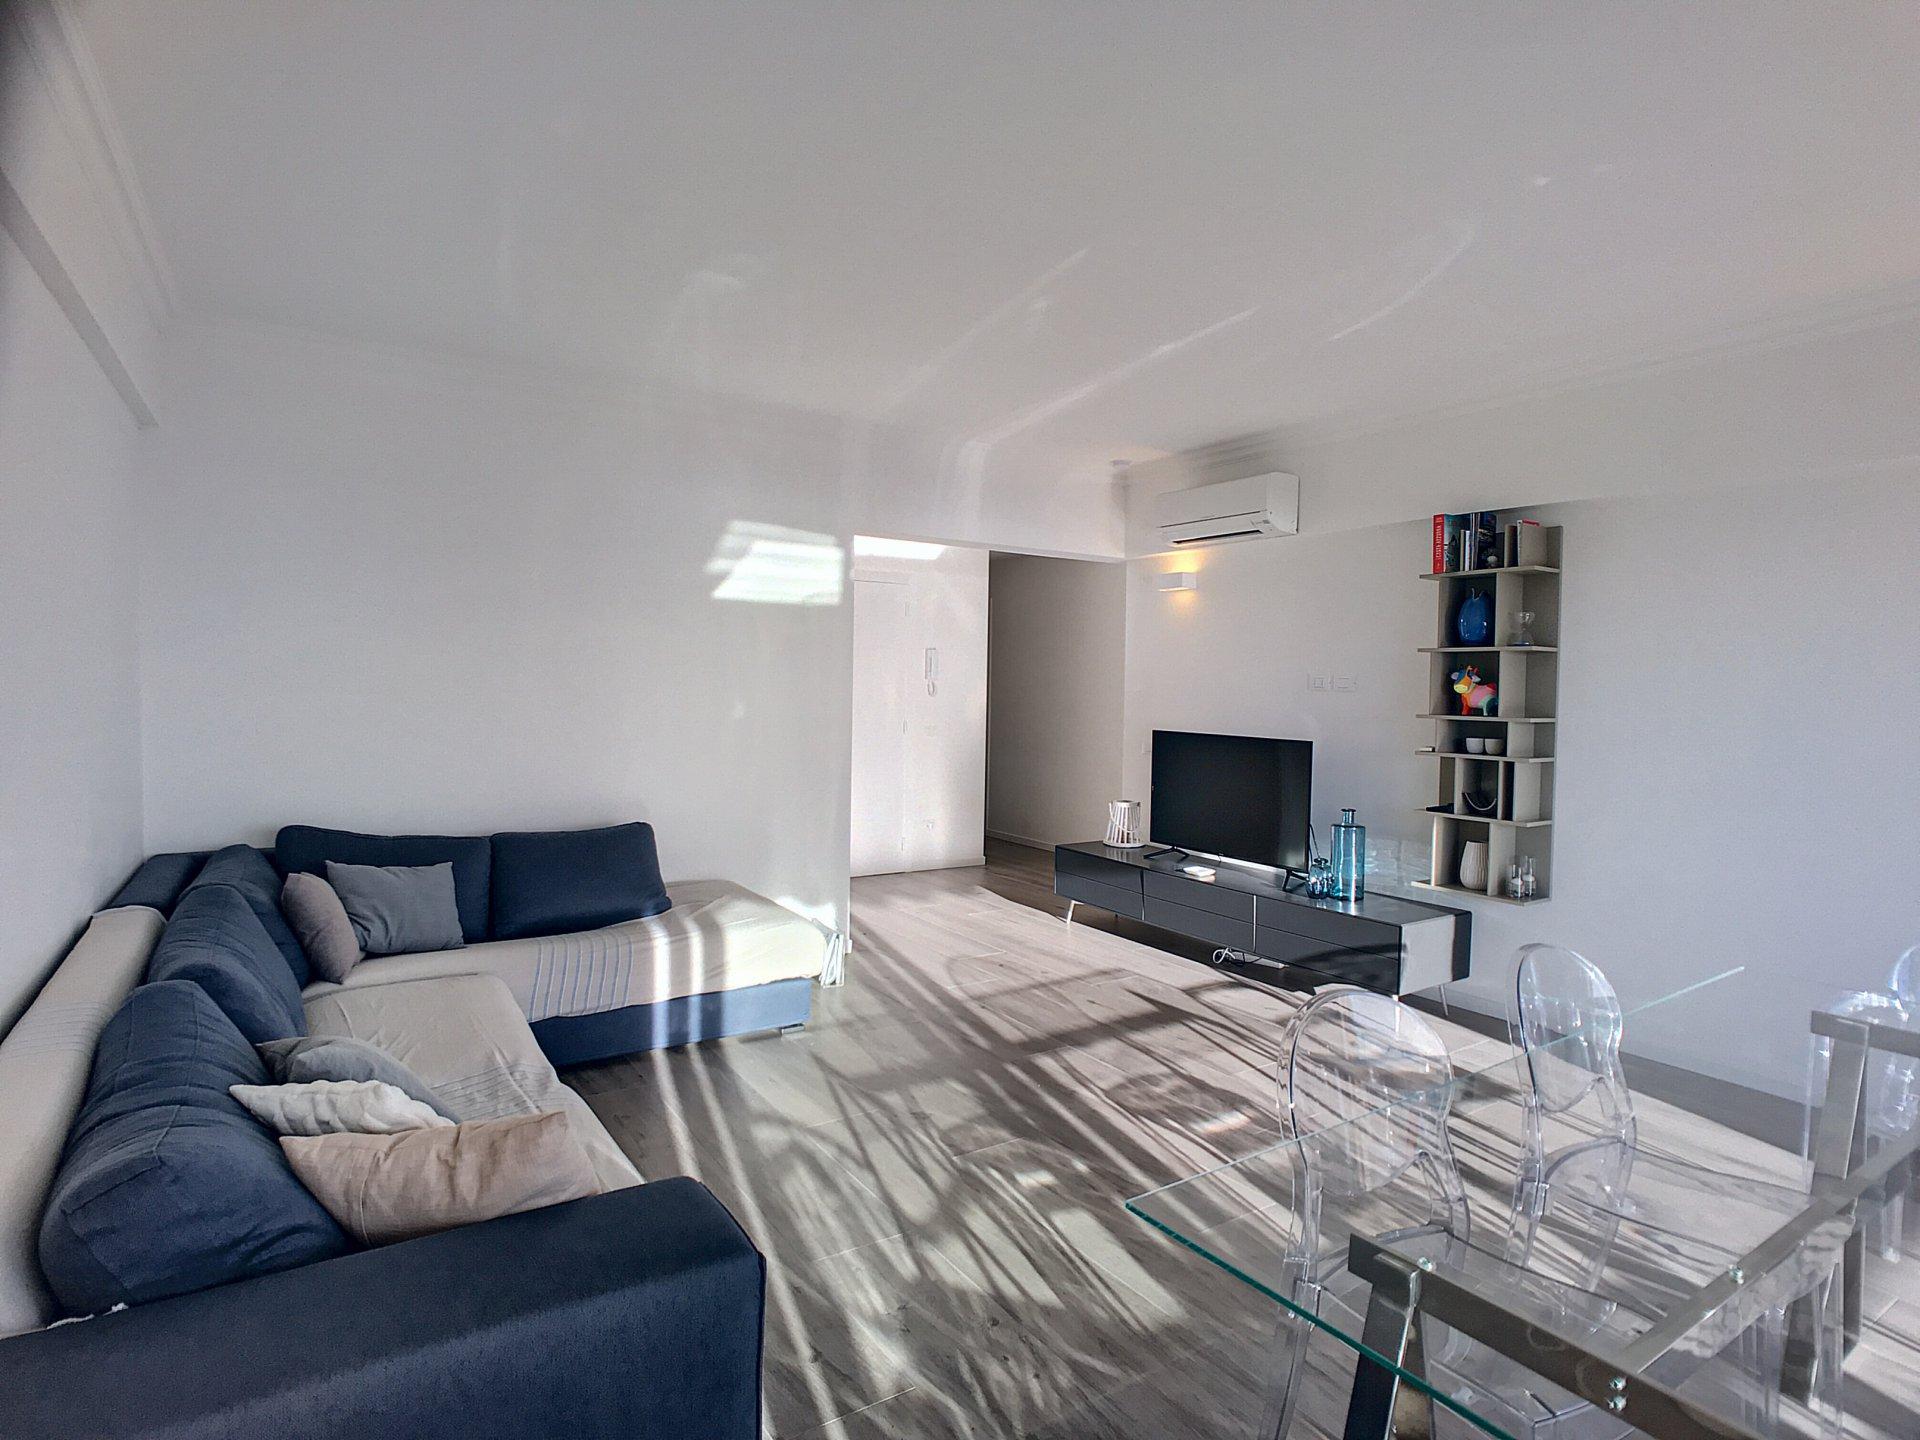 Seasonal rental Apartment - Cannes Croix des Gardes